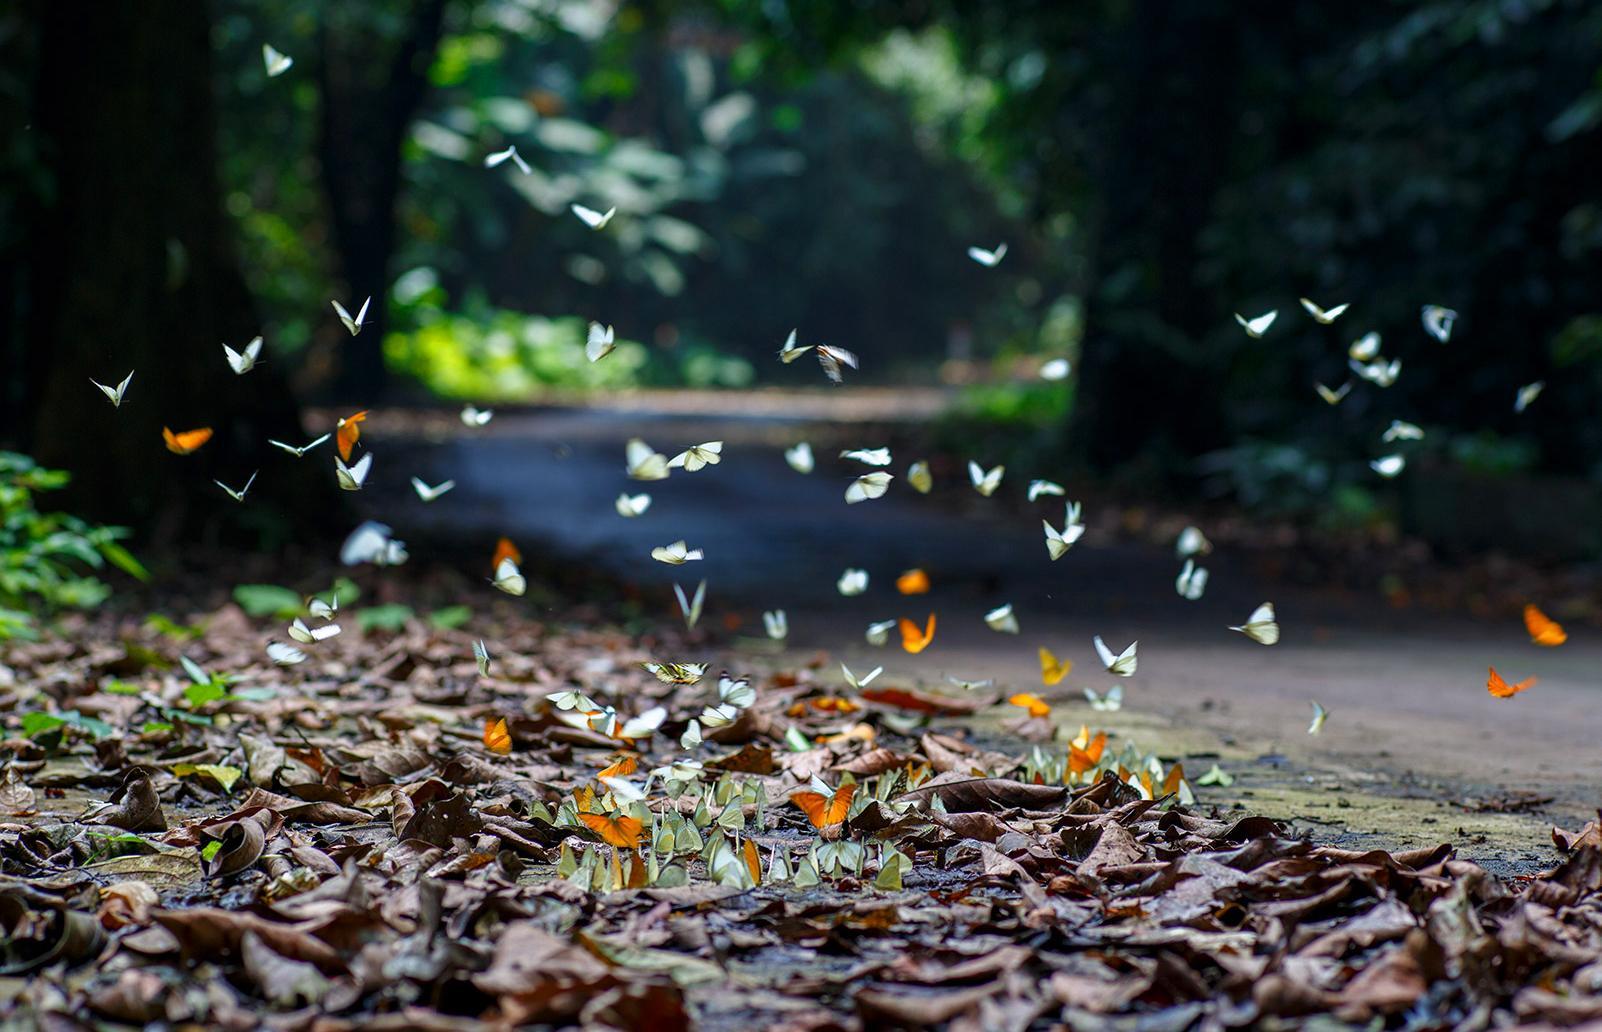 Nằm tại Ninh Bình, vườn quốc gia Cúc Phương có thể khám phá bằng cách đi bộ, xe máy hoặc xe đạp, bạn sẽ choáng ngợp và có những hình ảnh đẹp nếu đến đây vào mùa bướm